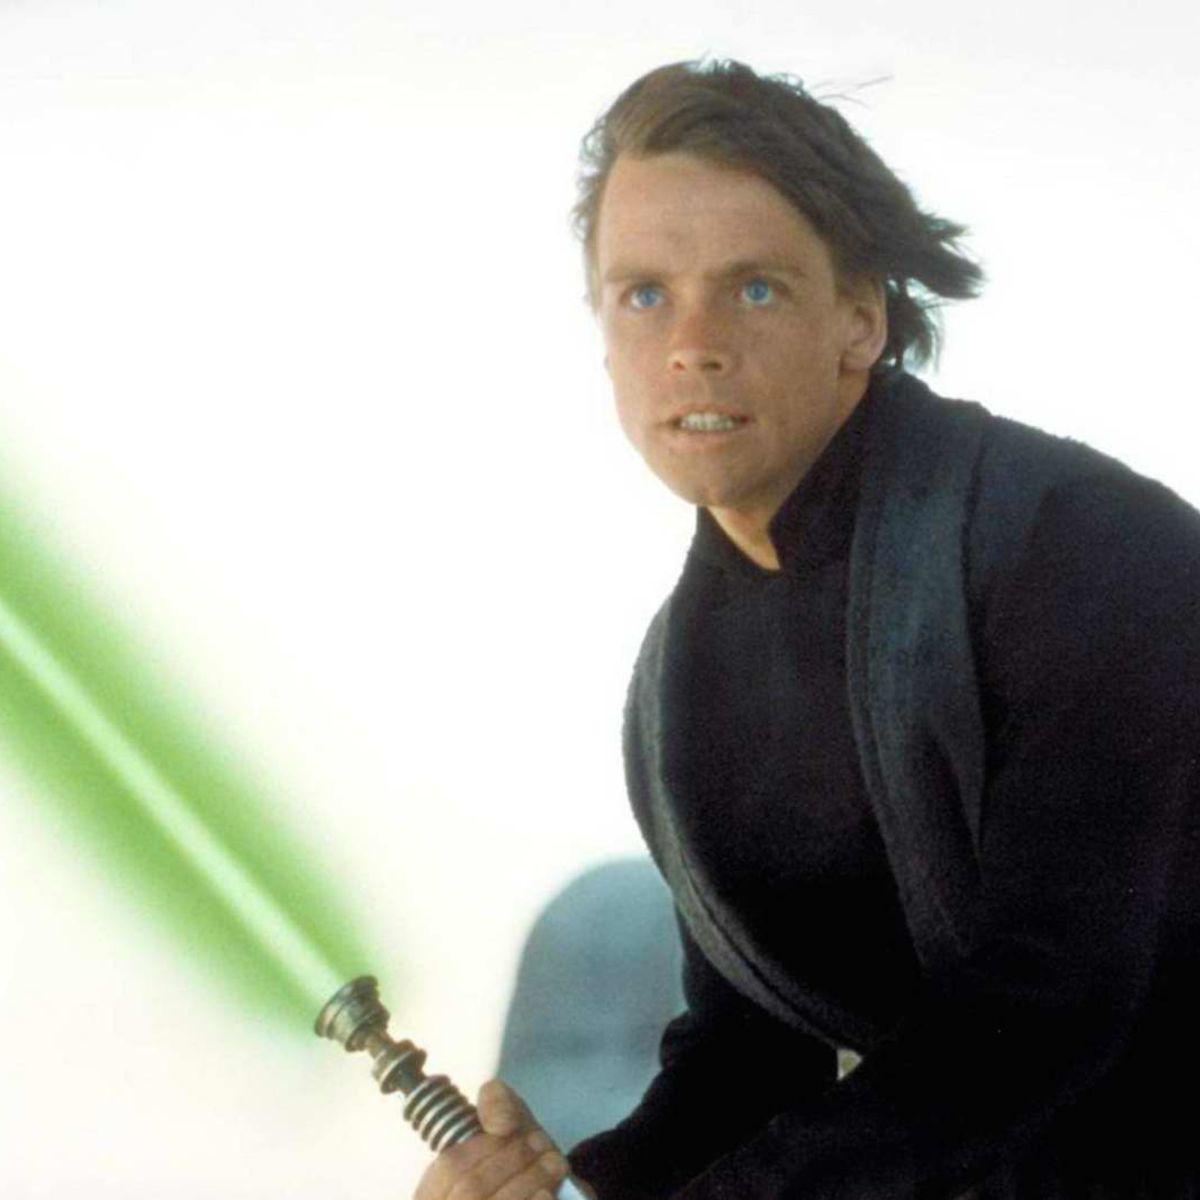 jedi-luke-skywalker-star-wars-lightsabers-132104-1600x1200.jpg